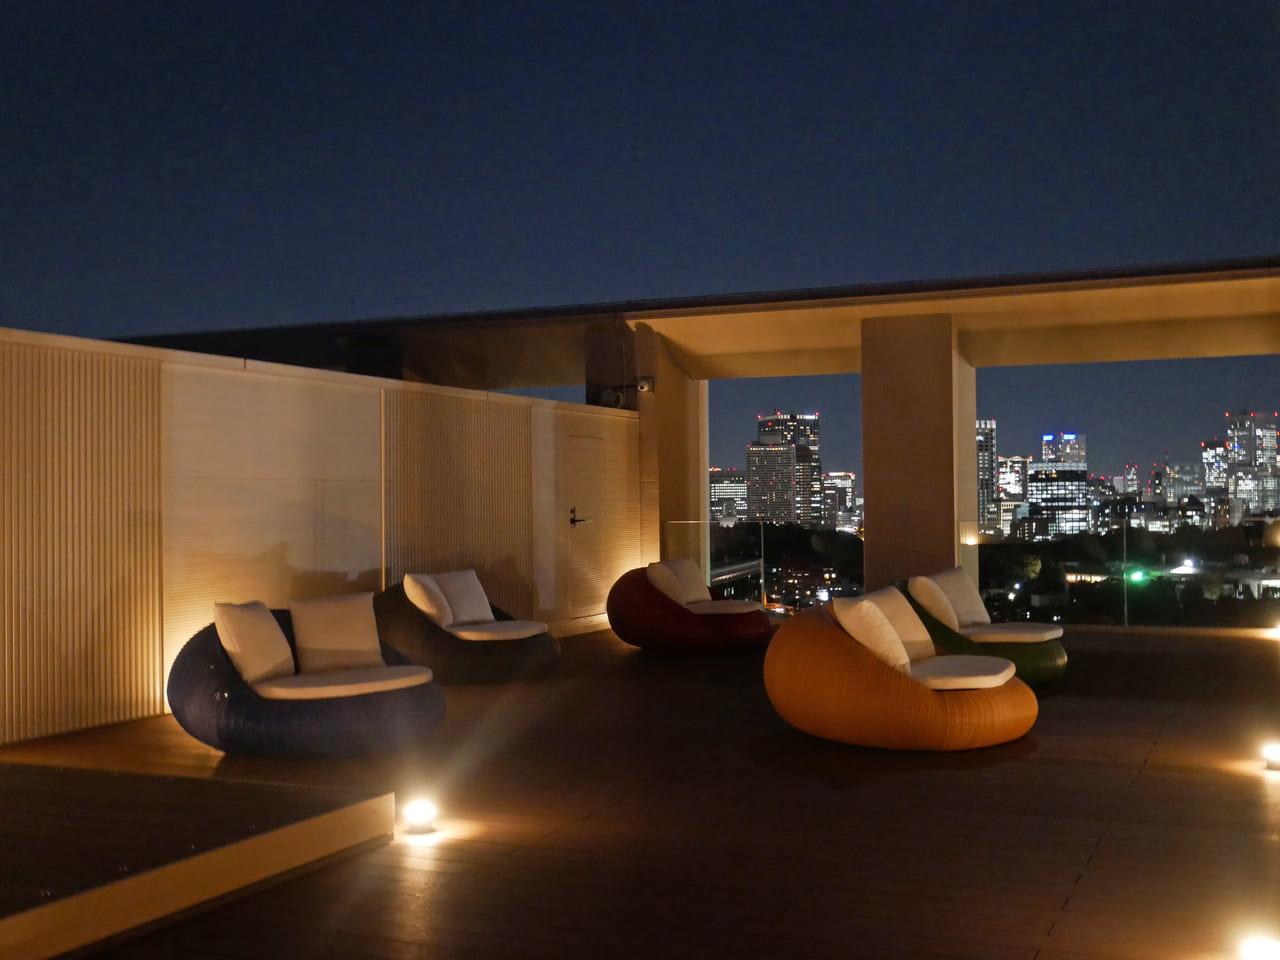 三井ガーデンホテル神宮外苑の杜プレミア ルーフトップテラス 夜景